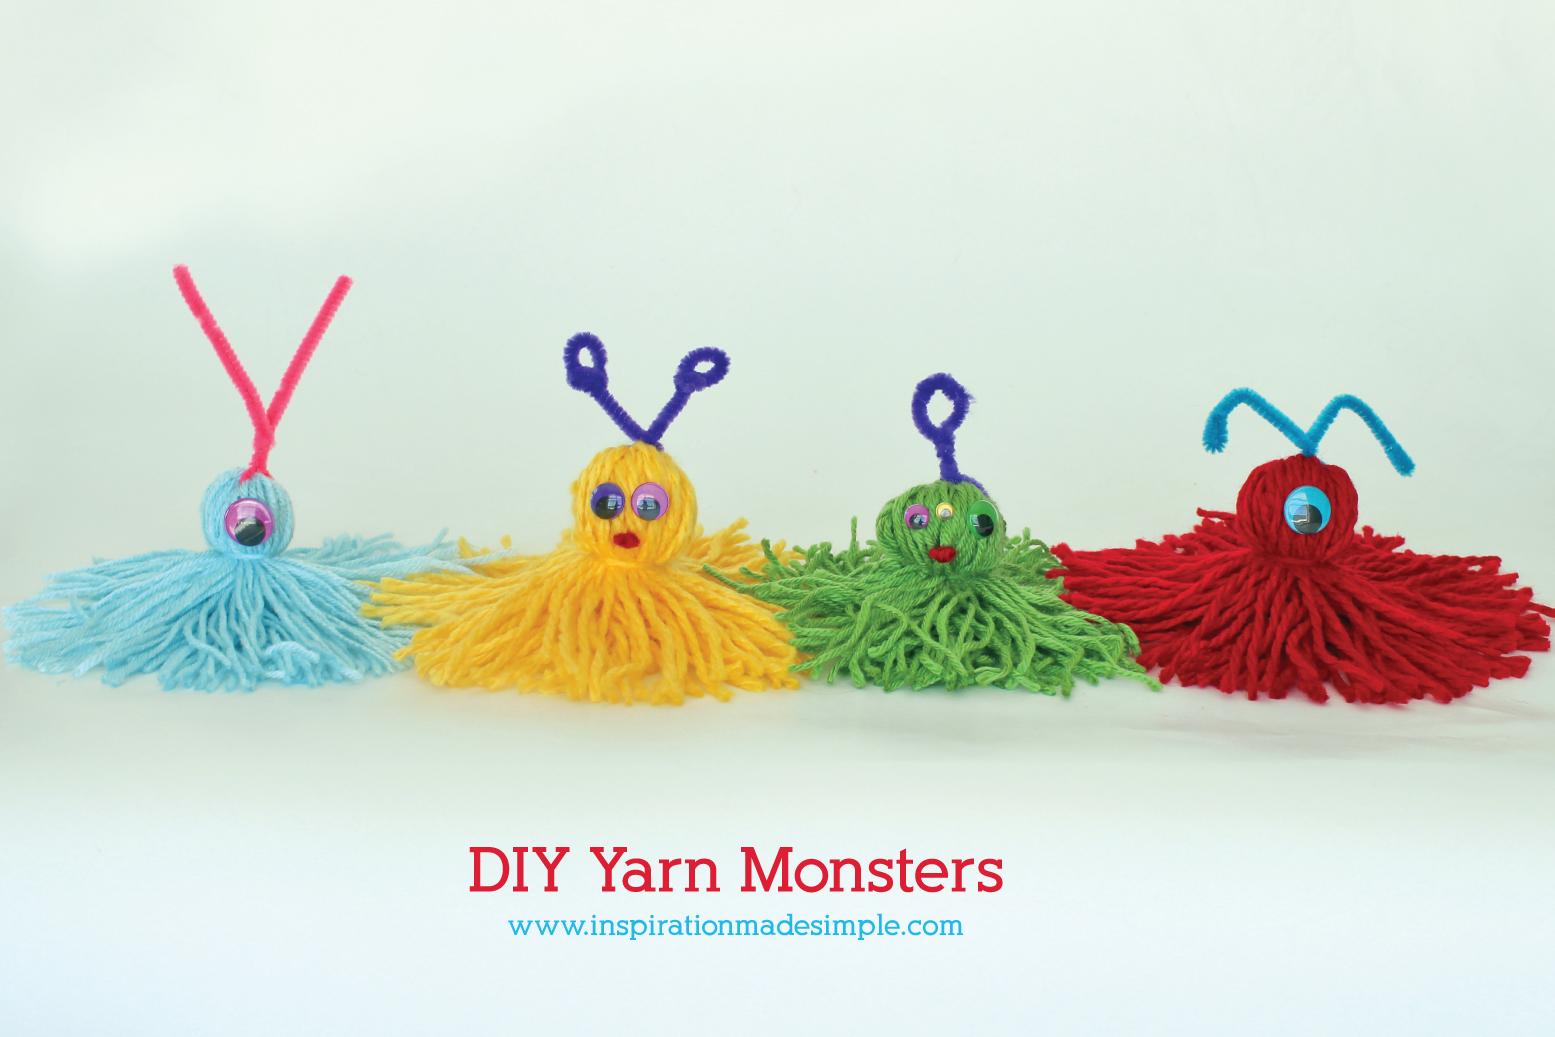 Diy Yarn Monsters